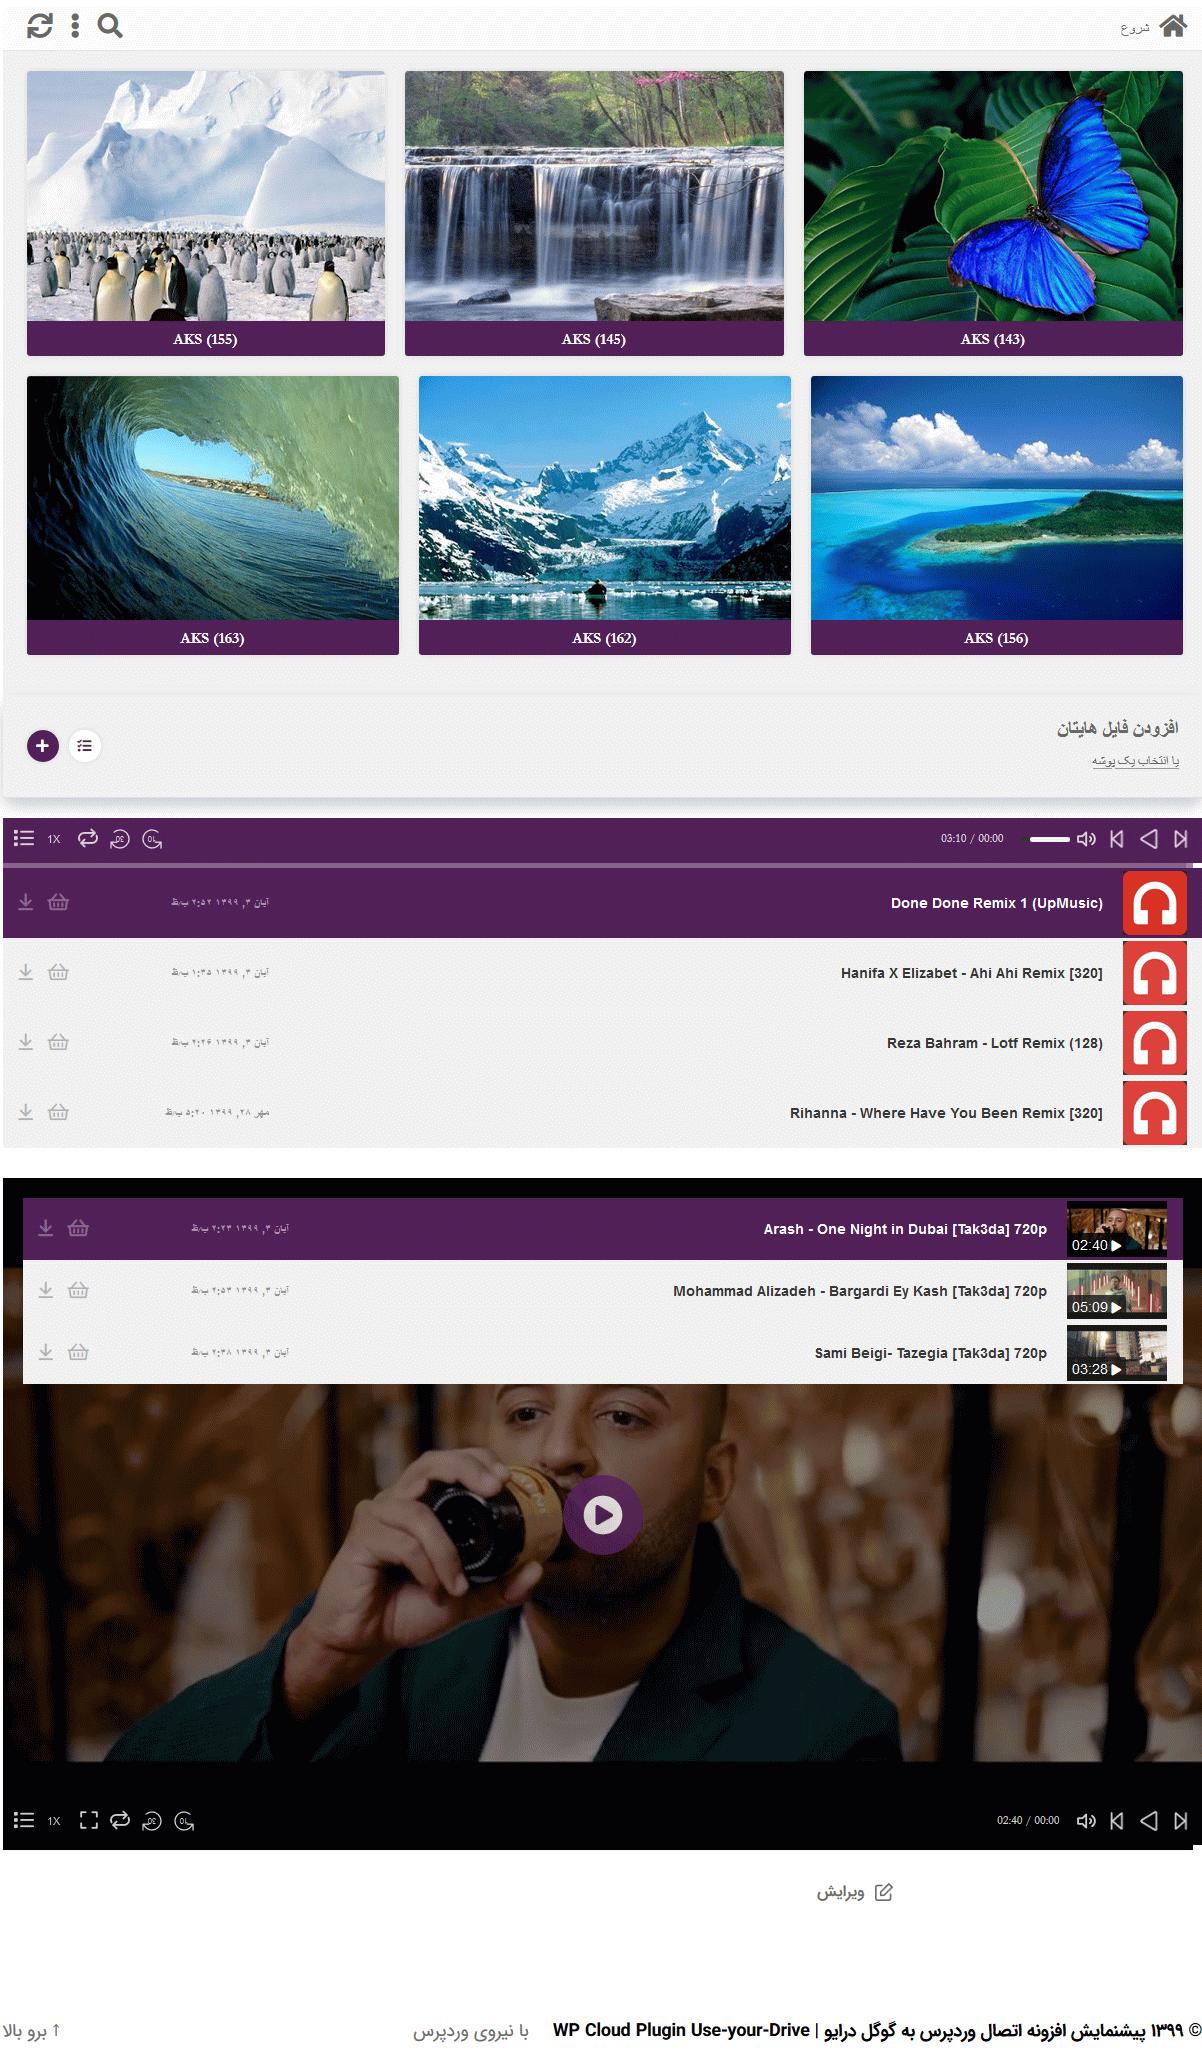 نمونه نمایش موزیک، تصاویر و ویدئو با افزونه WP Cloud Plugin Use-your-Drive